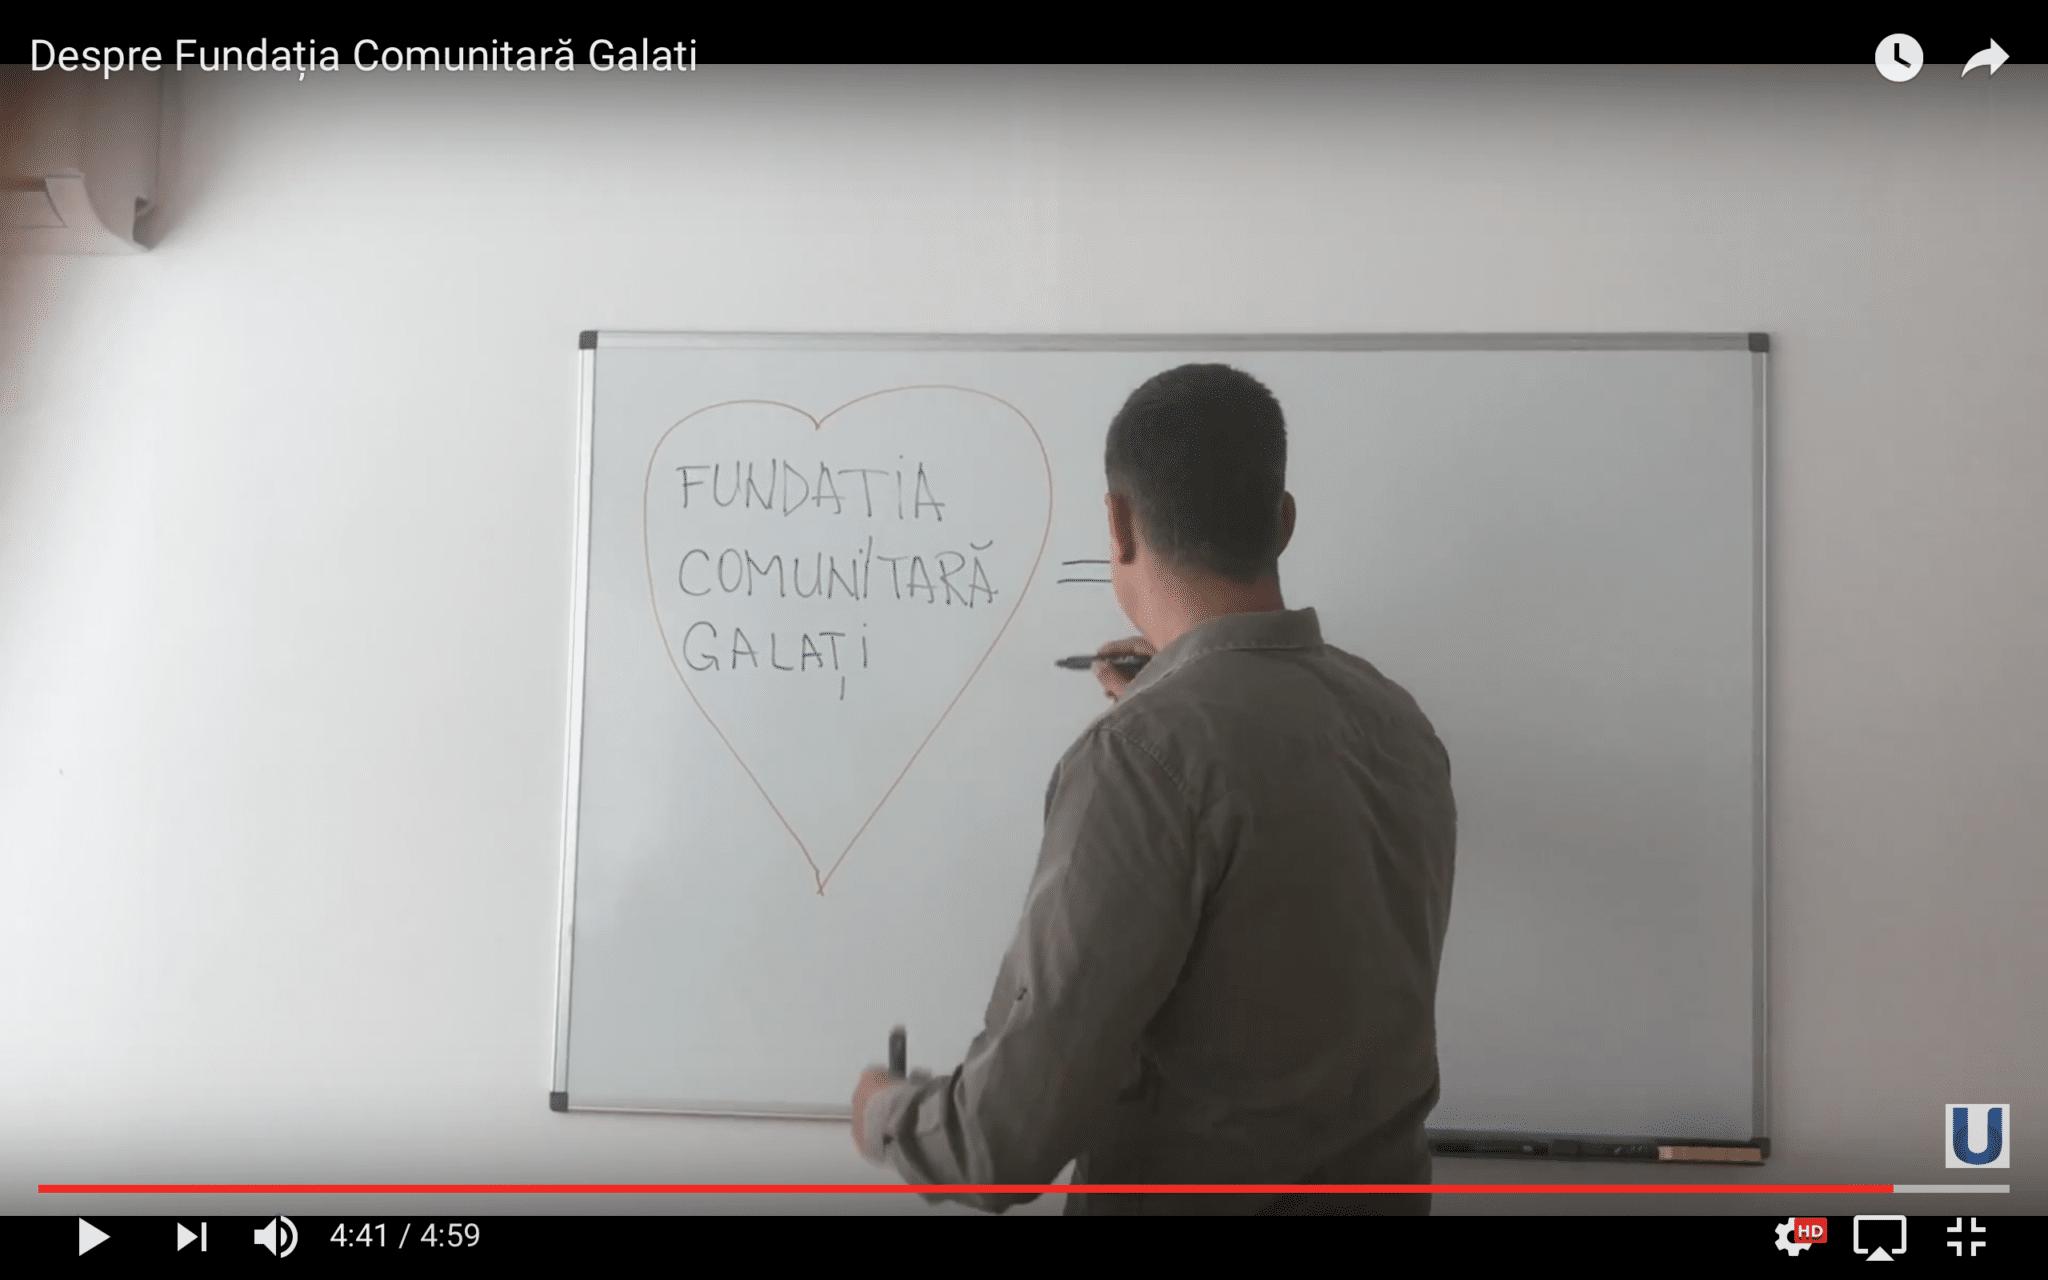 Despre Fundatia Comunitara Galati